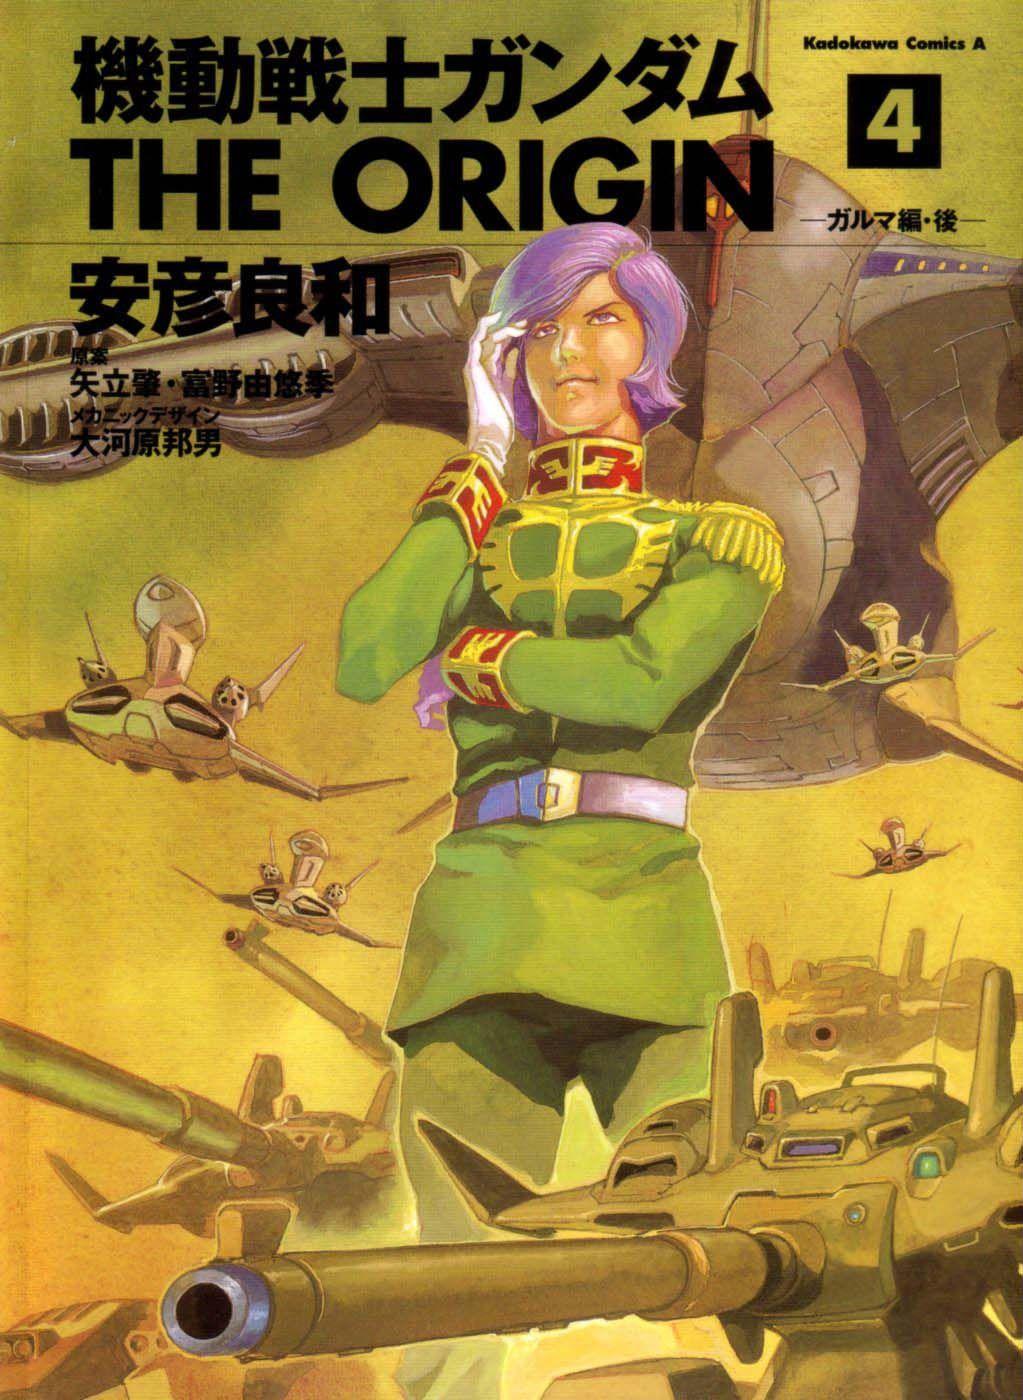 Wonderful cover art for Volume 4 (Japanese version) ♡.